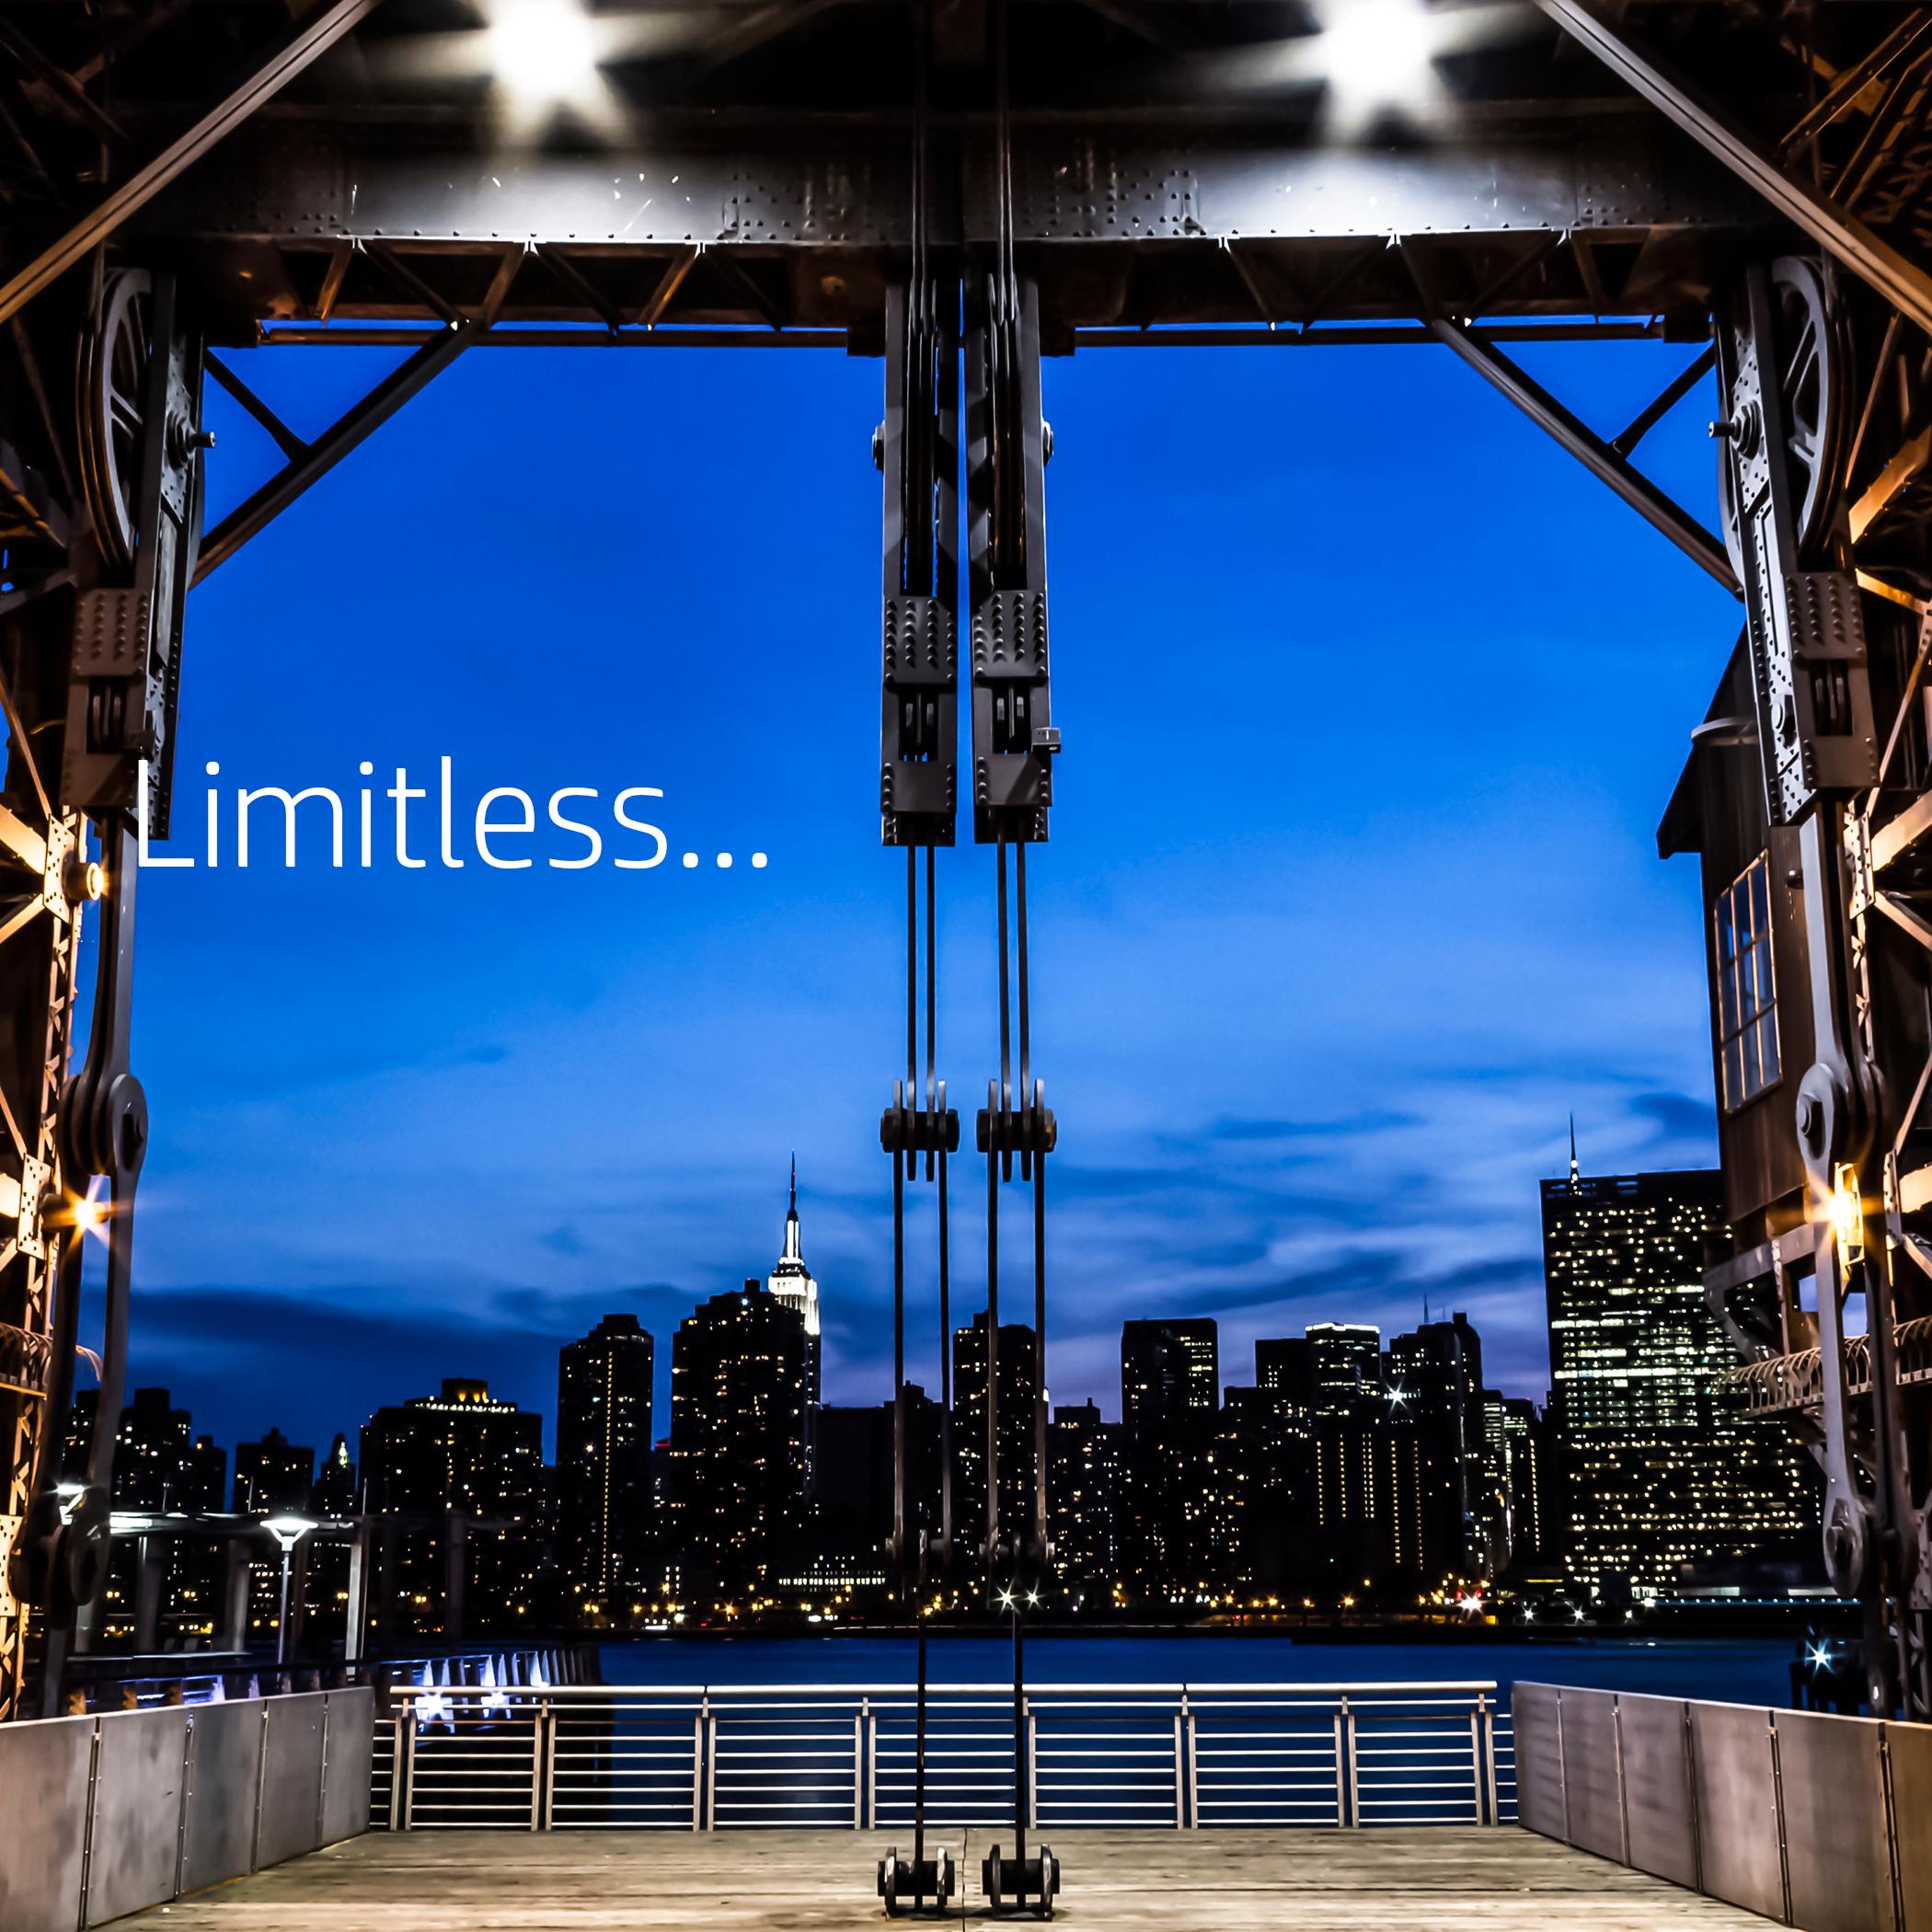 Limitless...